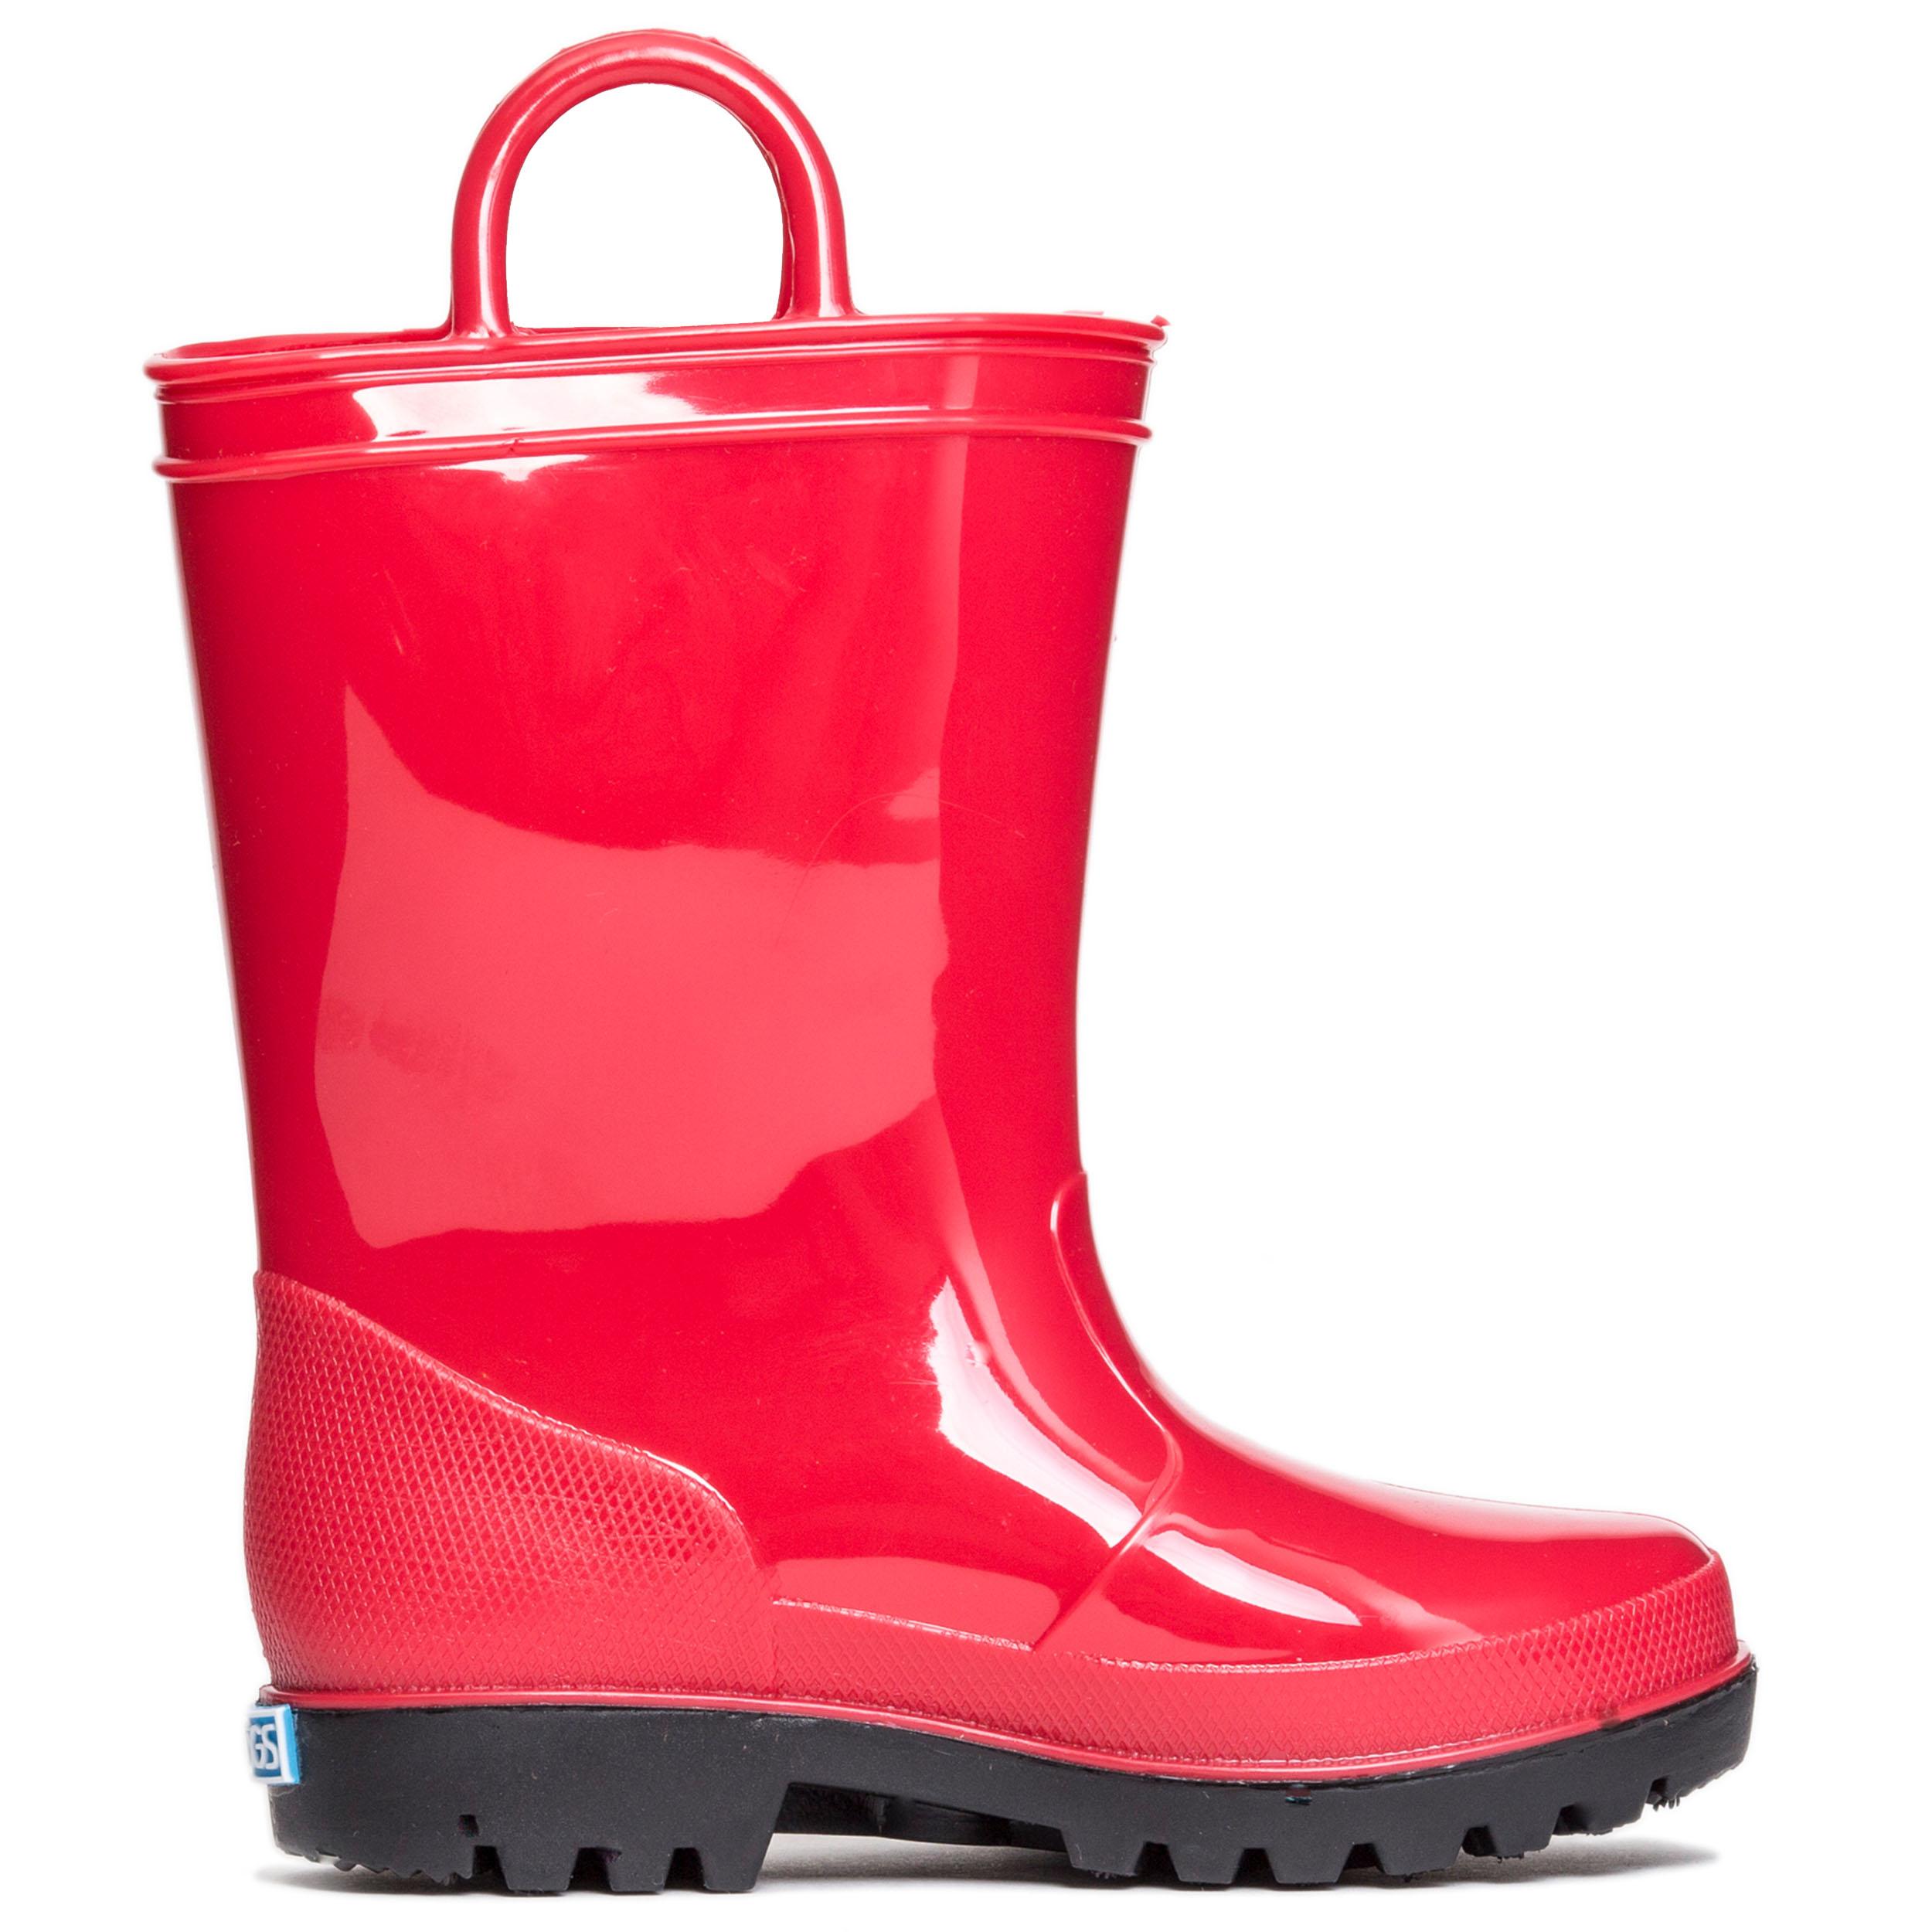 ZOOGS Kids Waterproof Rain Boots for